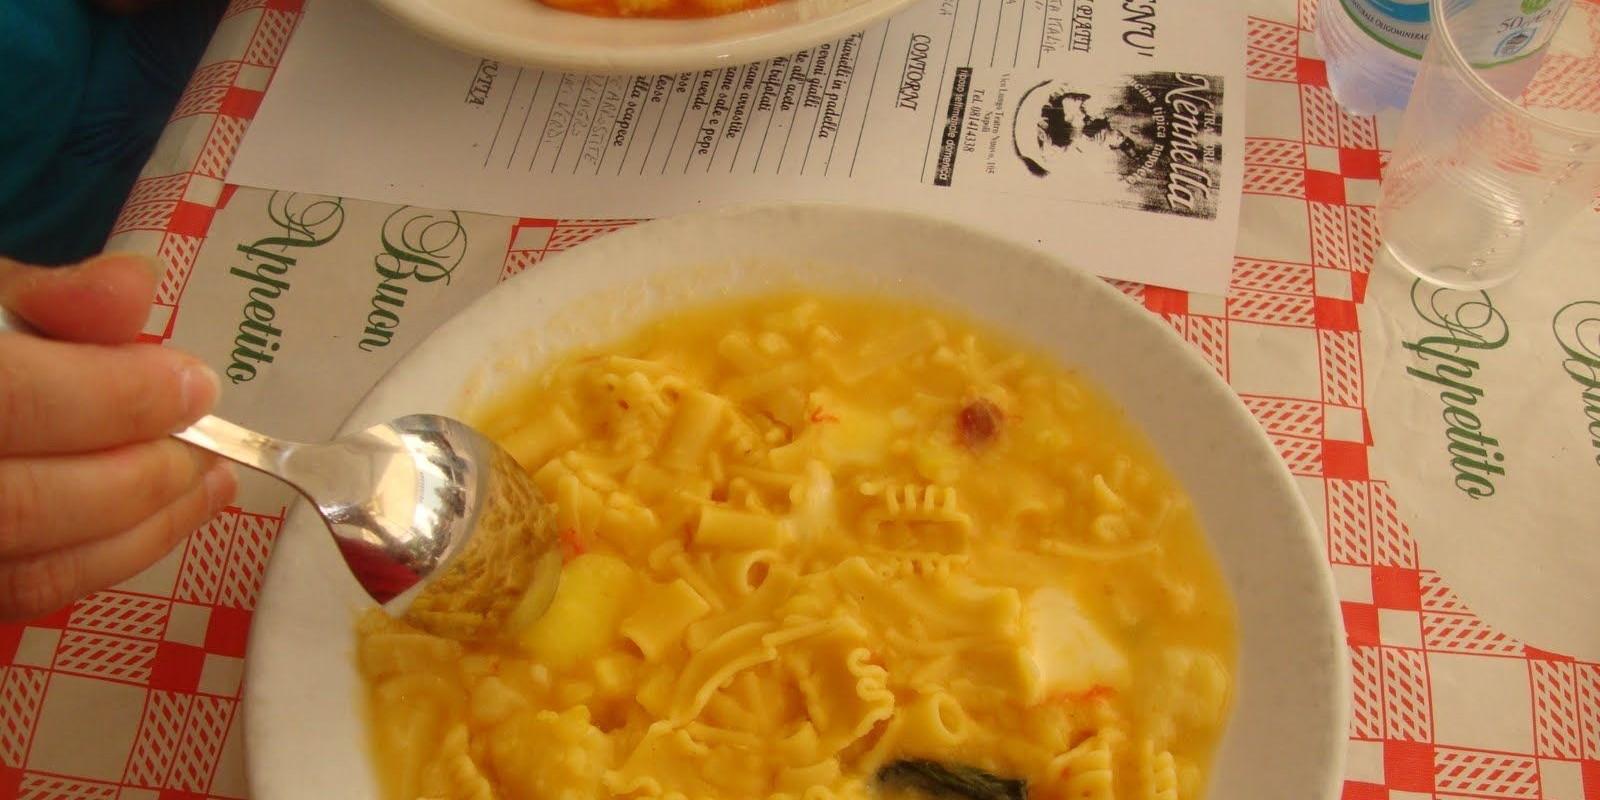 La pasta e patate con la provola che non hai ancora for Marchi di pasta da non mangiare